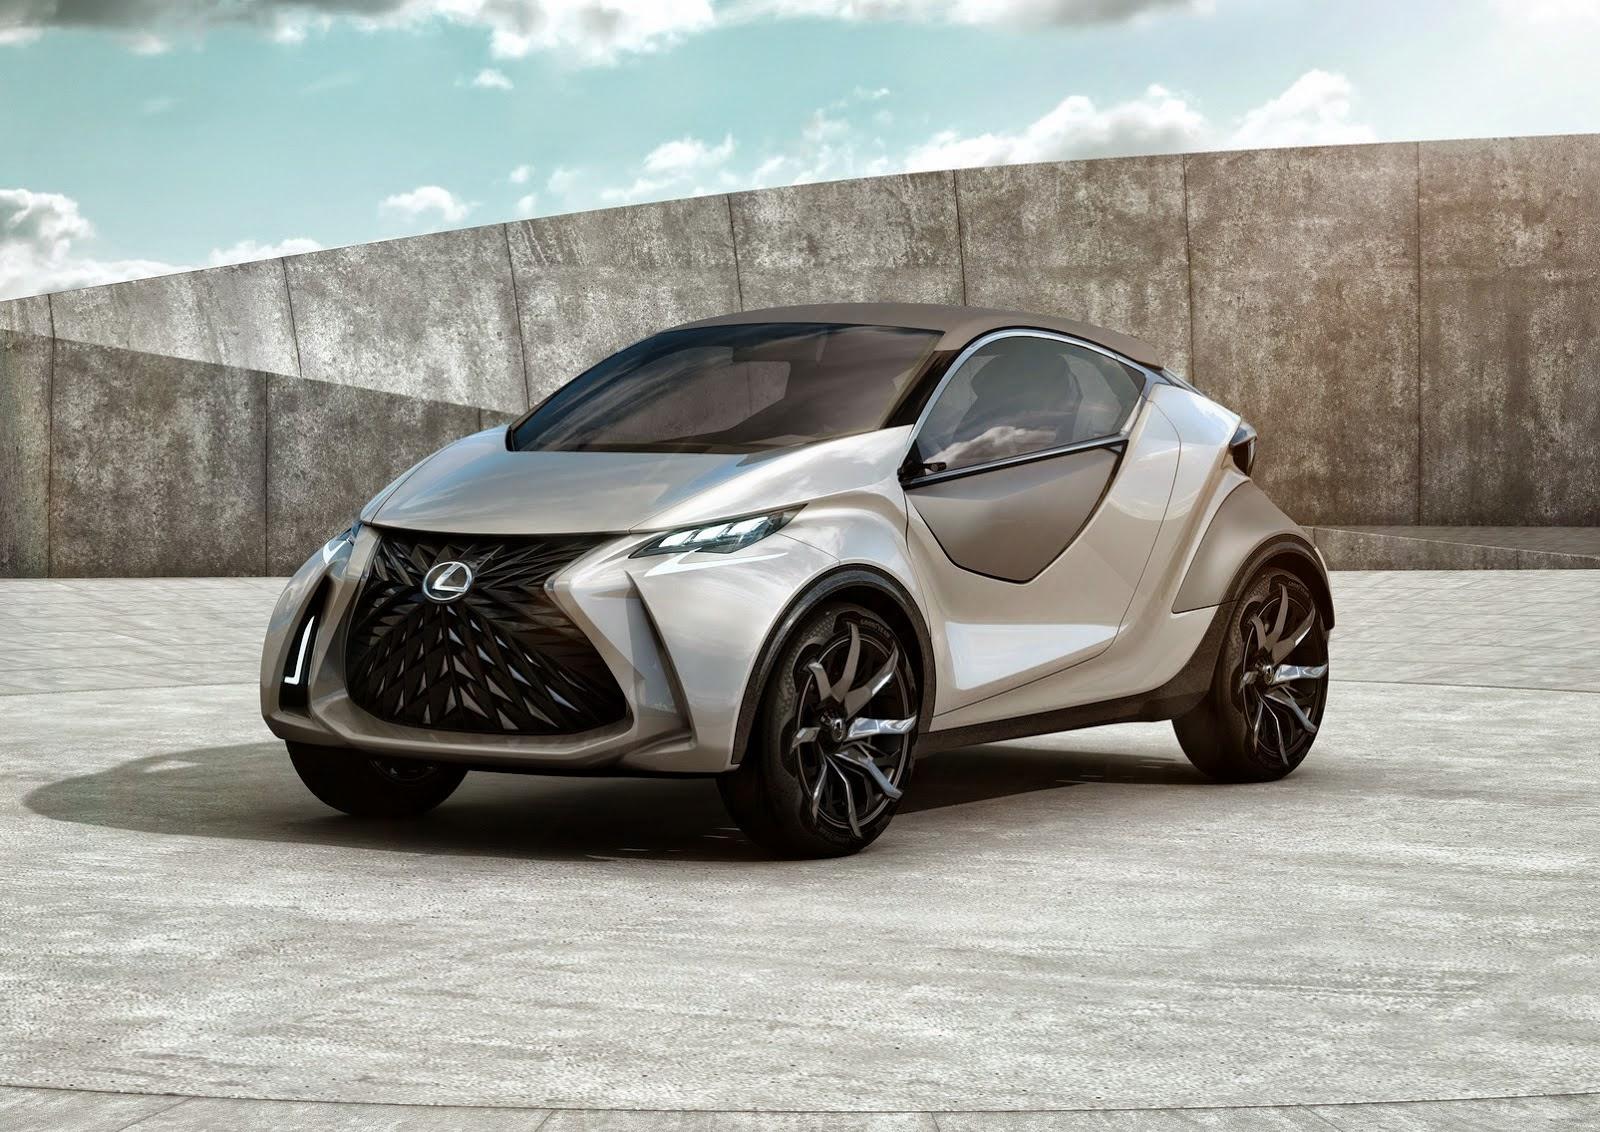 2015 Lexus LF-SA Geneva concept